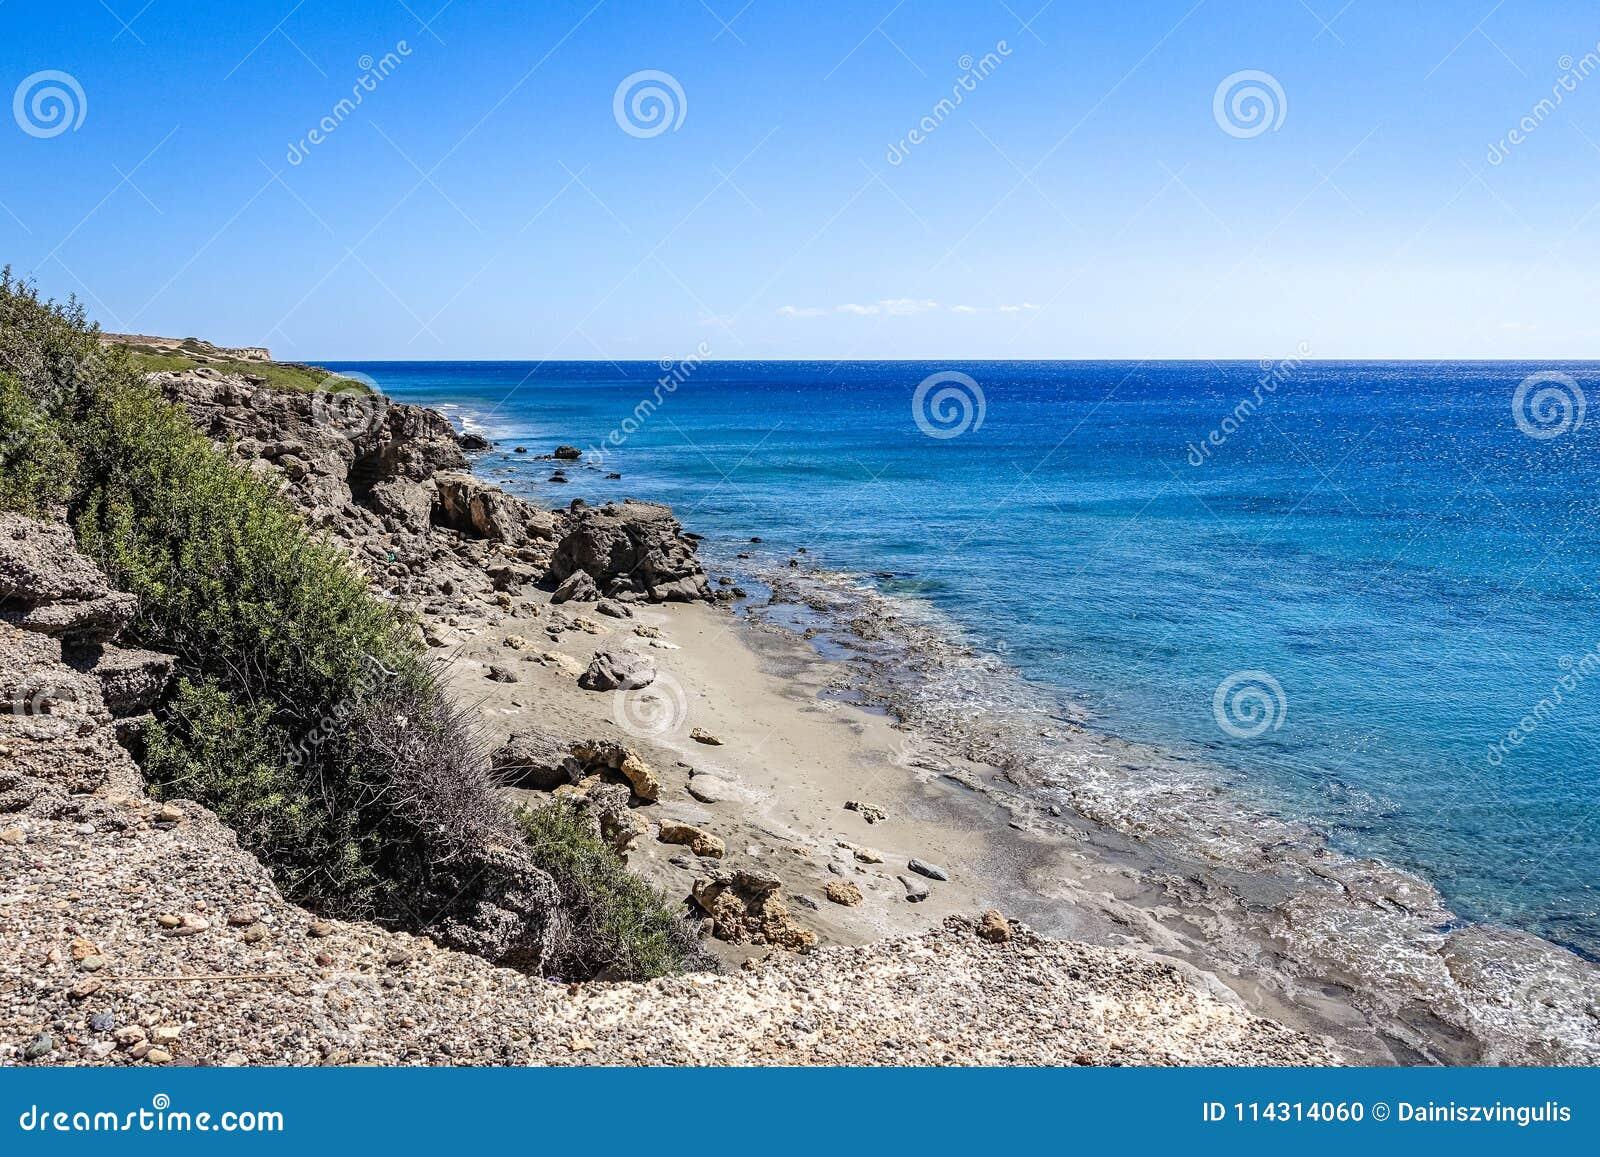 Побережье скалисто, малая песочная заводь видимо